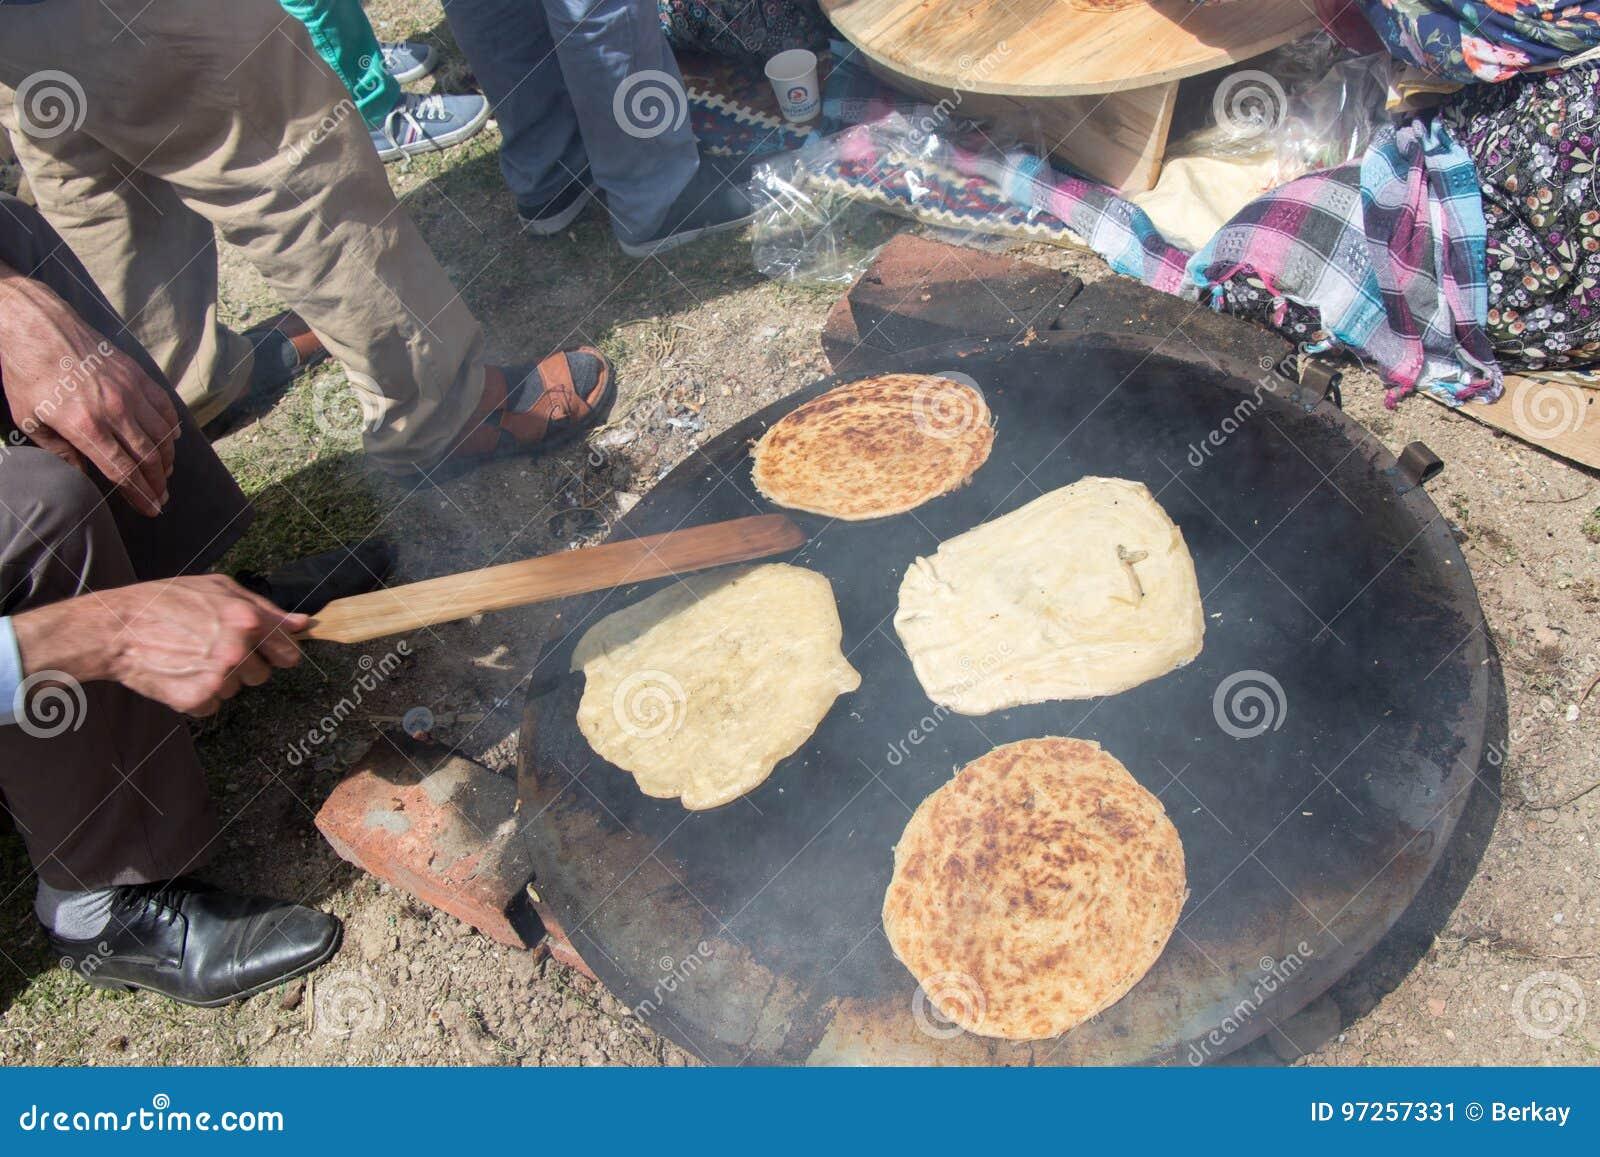 Making of traditional turkish gozleme pancake